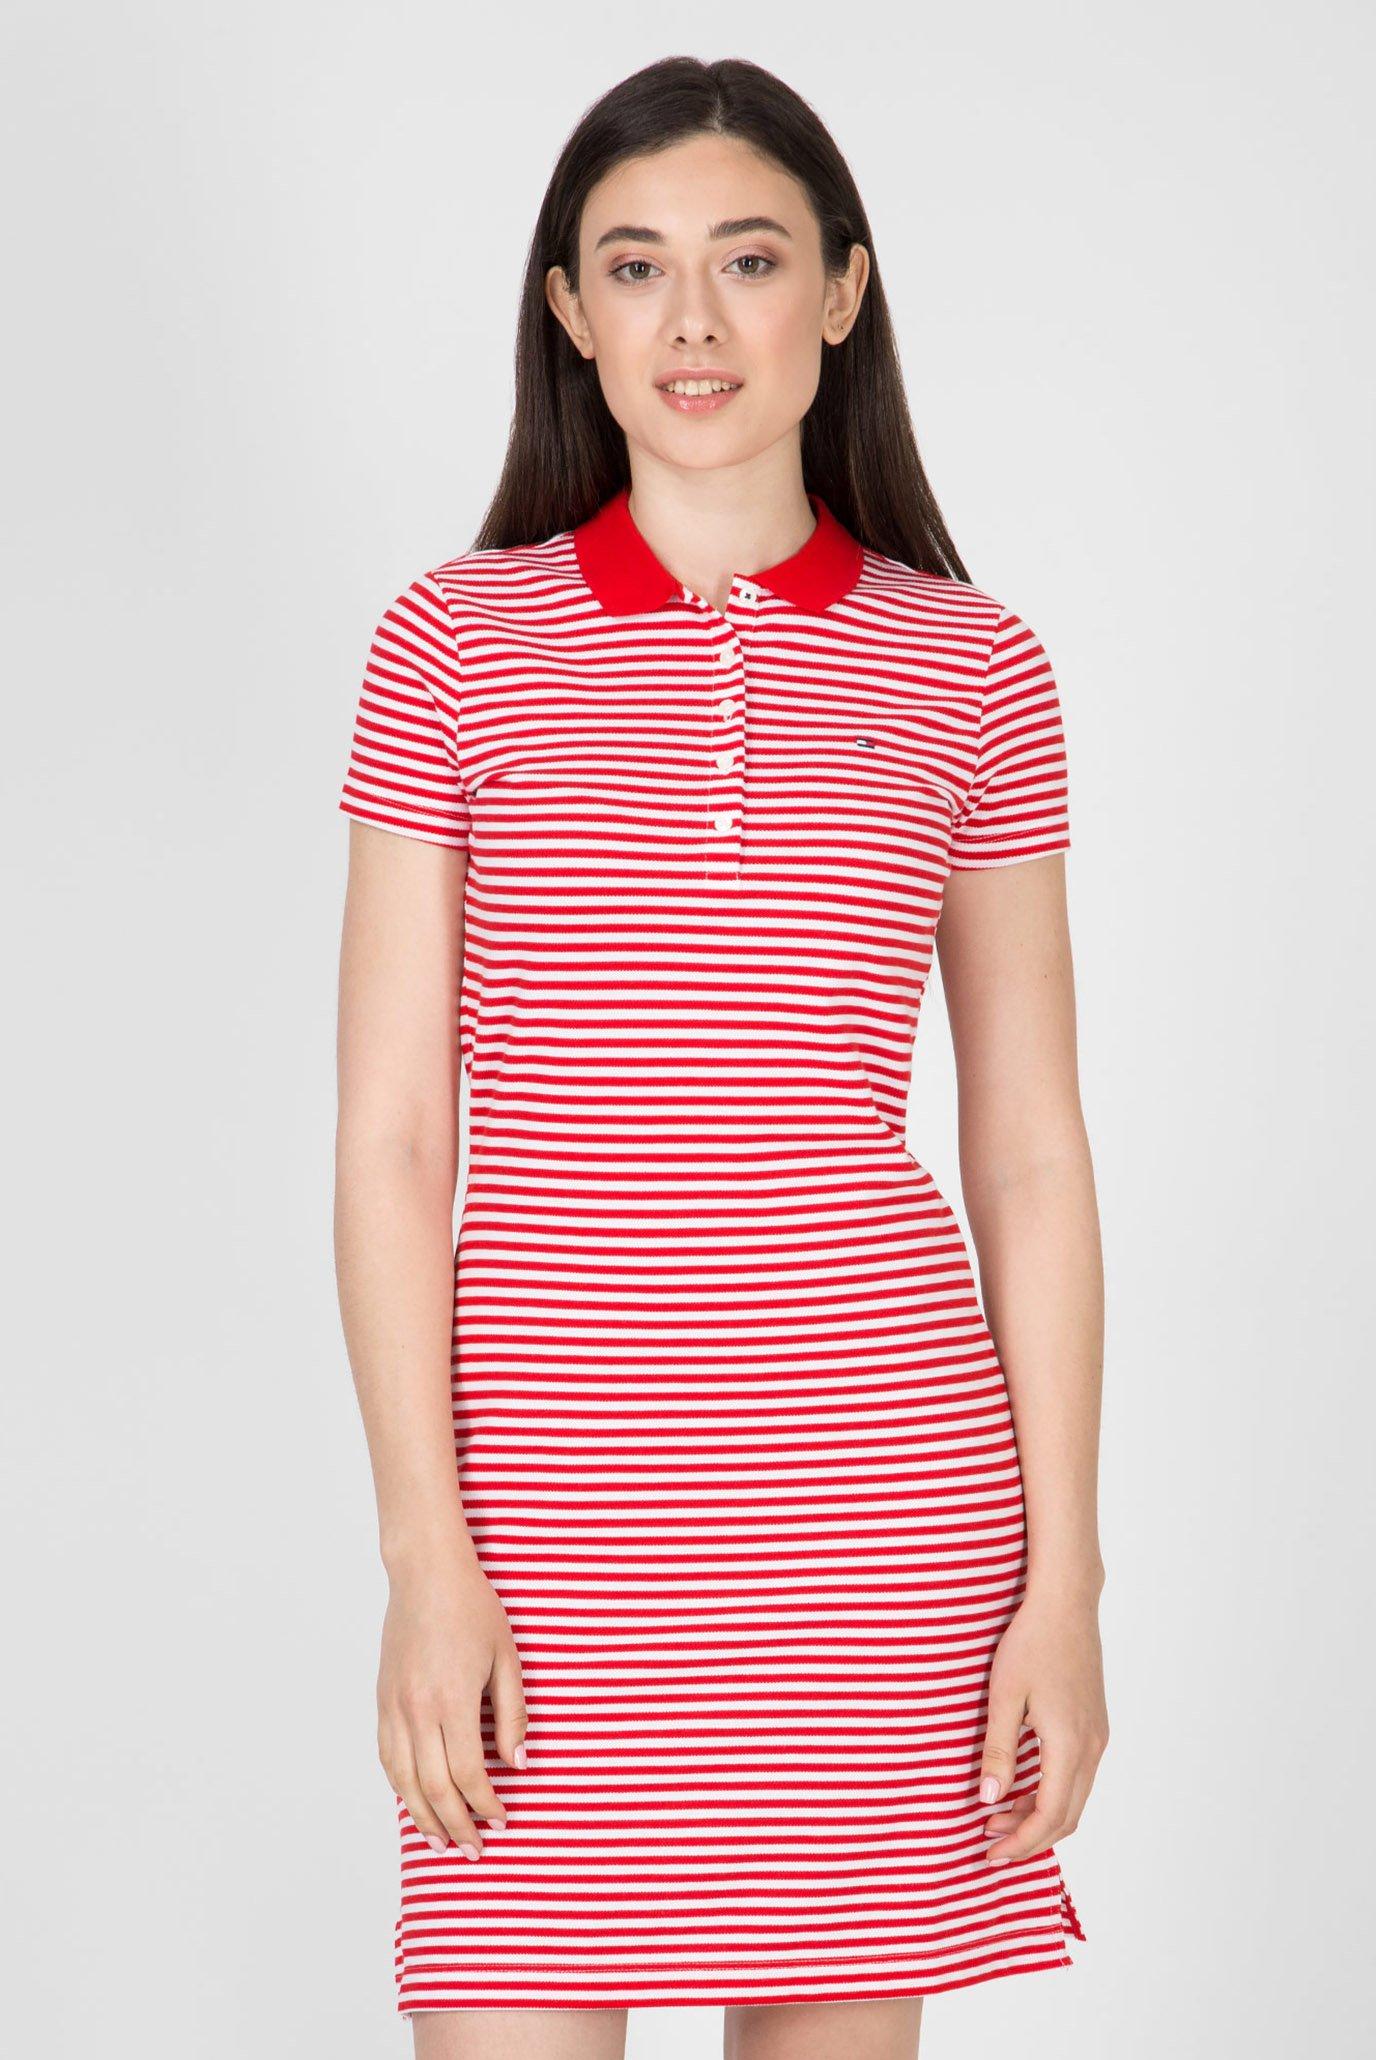 96258d124263222 Купить Женское красное платье-поло в полоску NEW CHIARA Tommy Hilfiger  Tommy Hilfiger 1M87640146 – Киев, ...